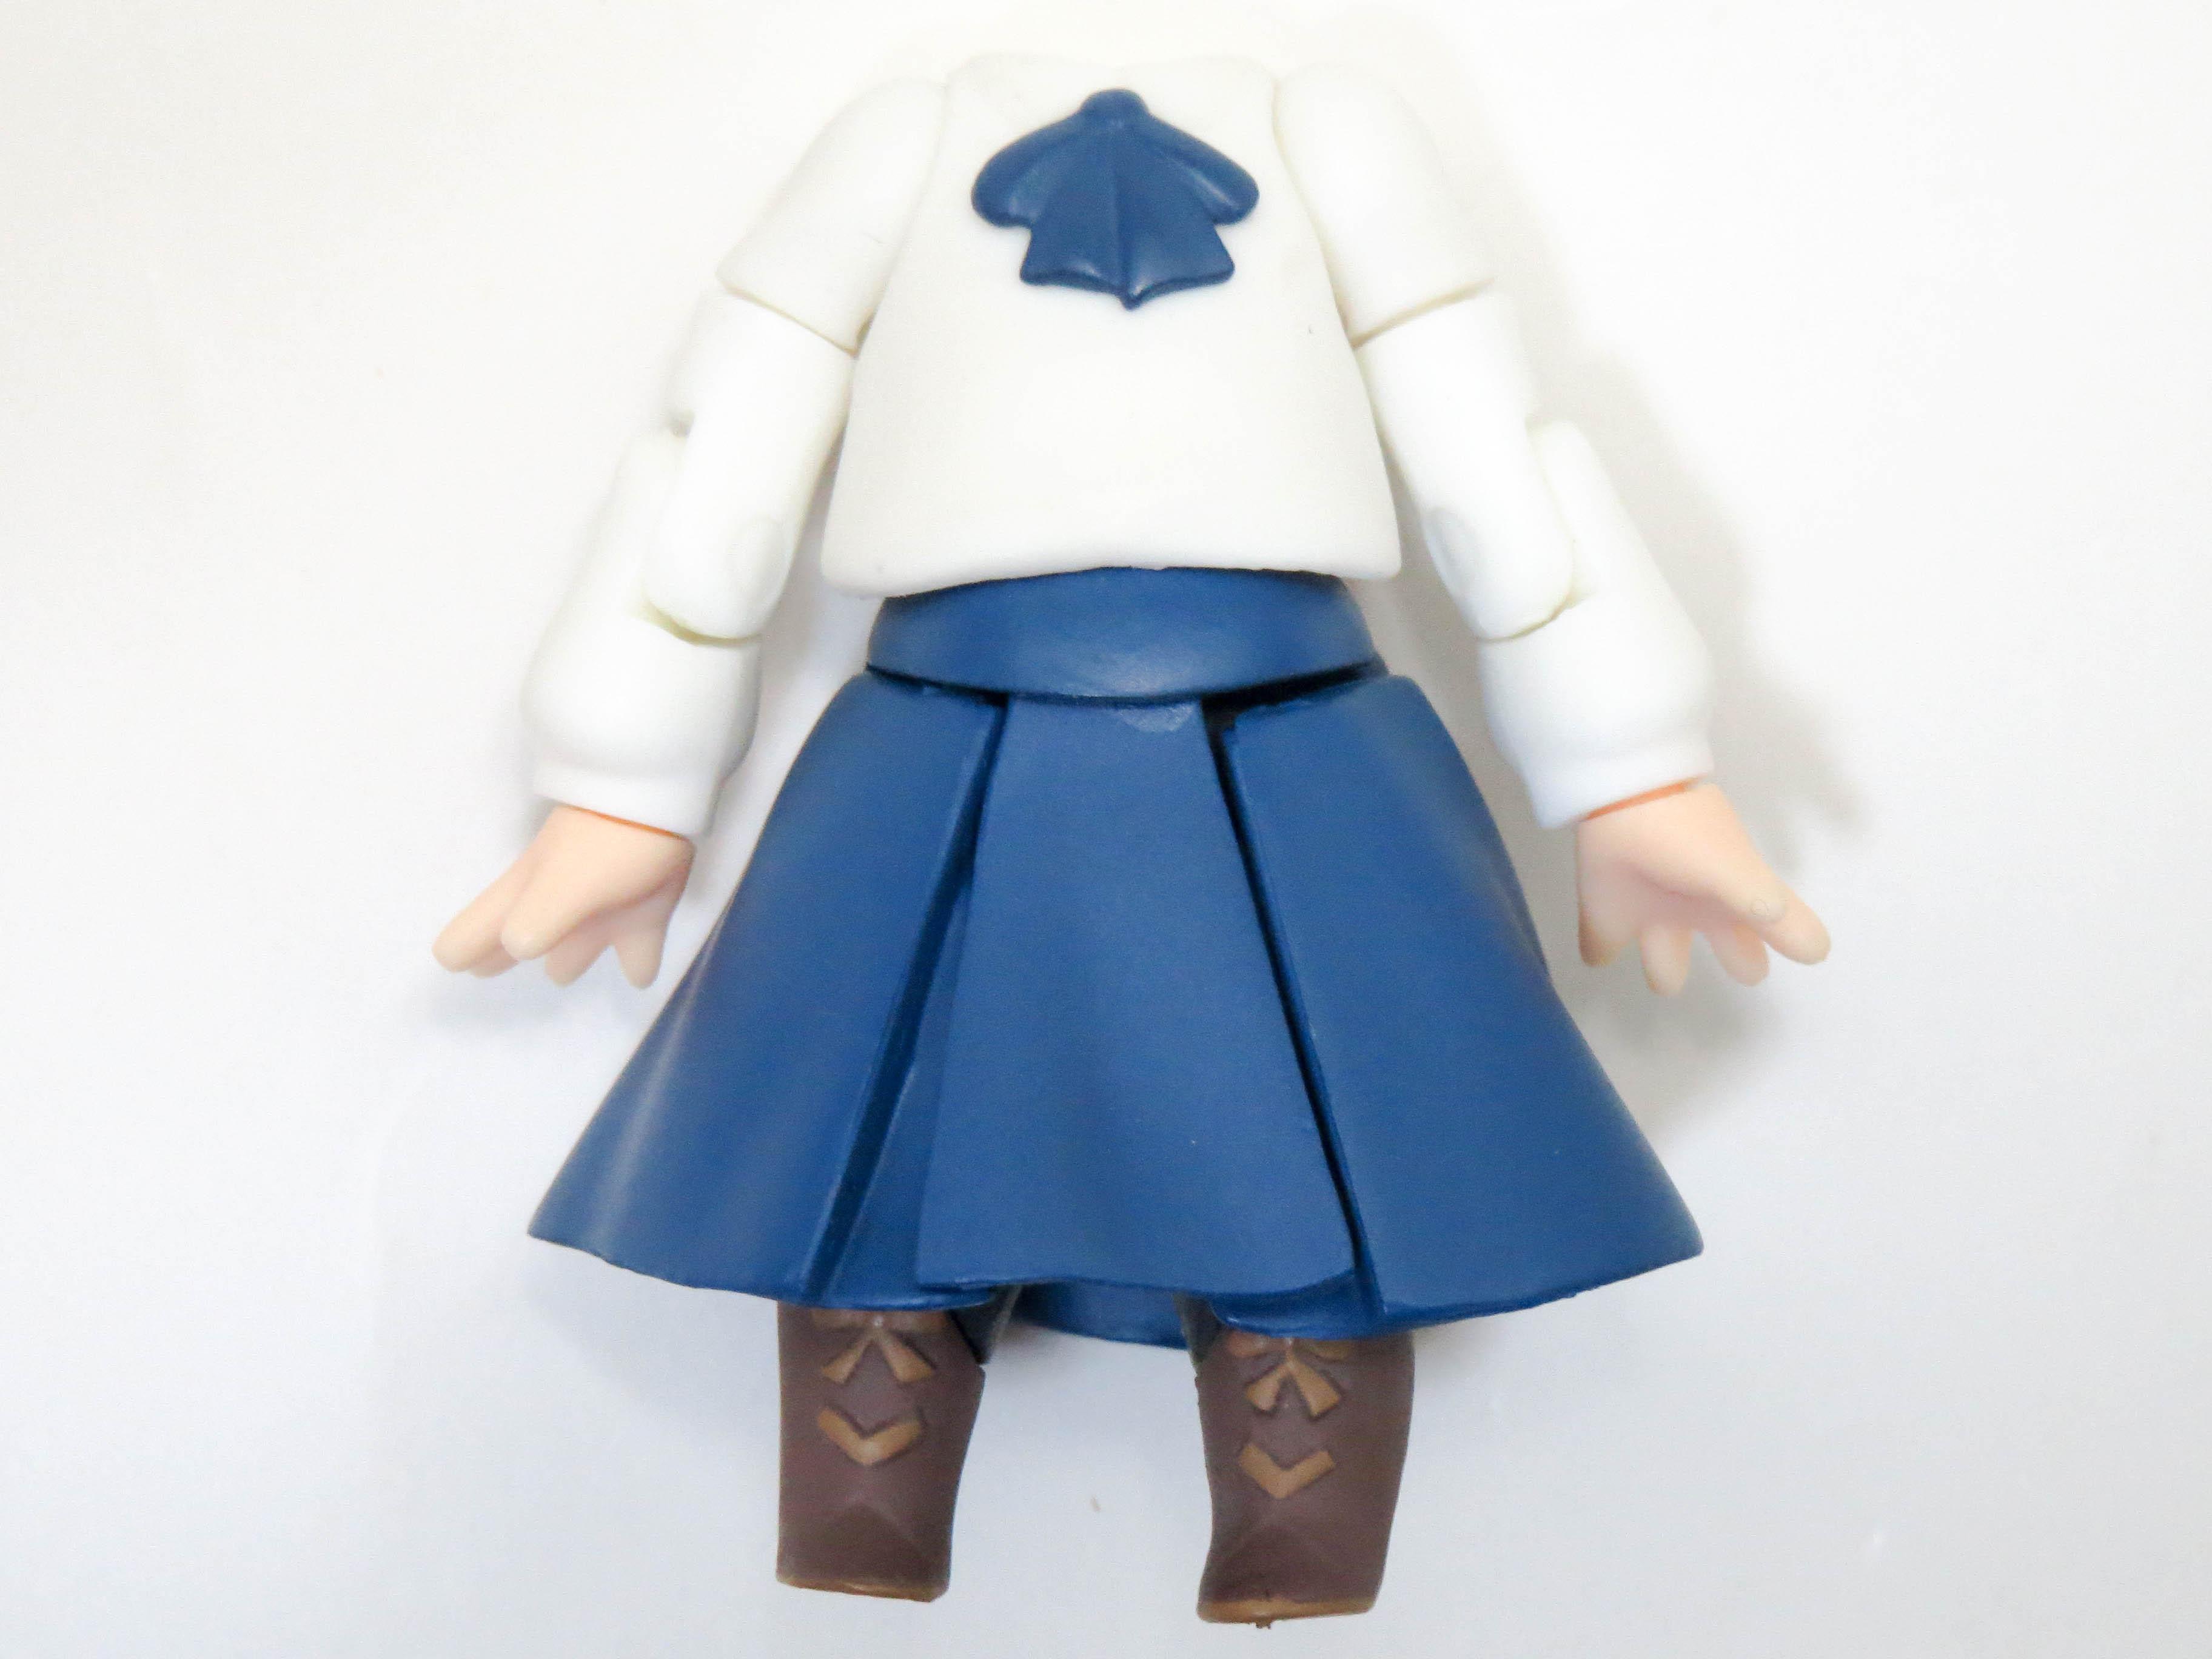 【225】 セイバー コンプリートファイル・エディション 体パーツ 私服 ねんどろいど